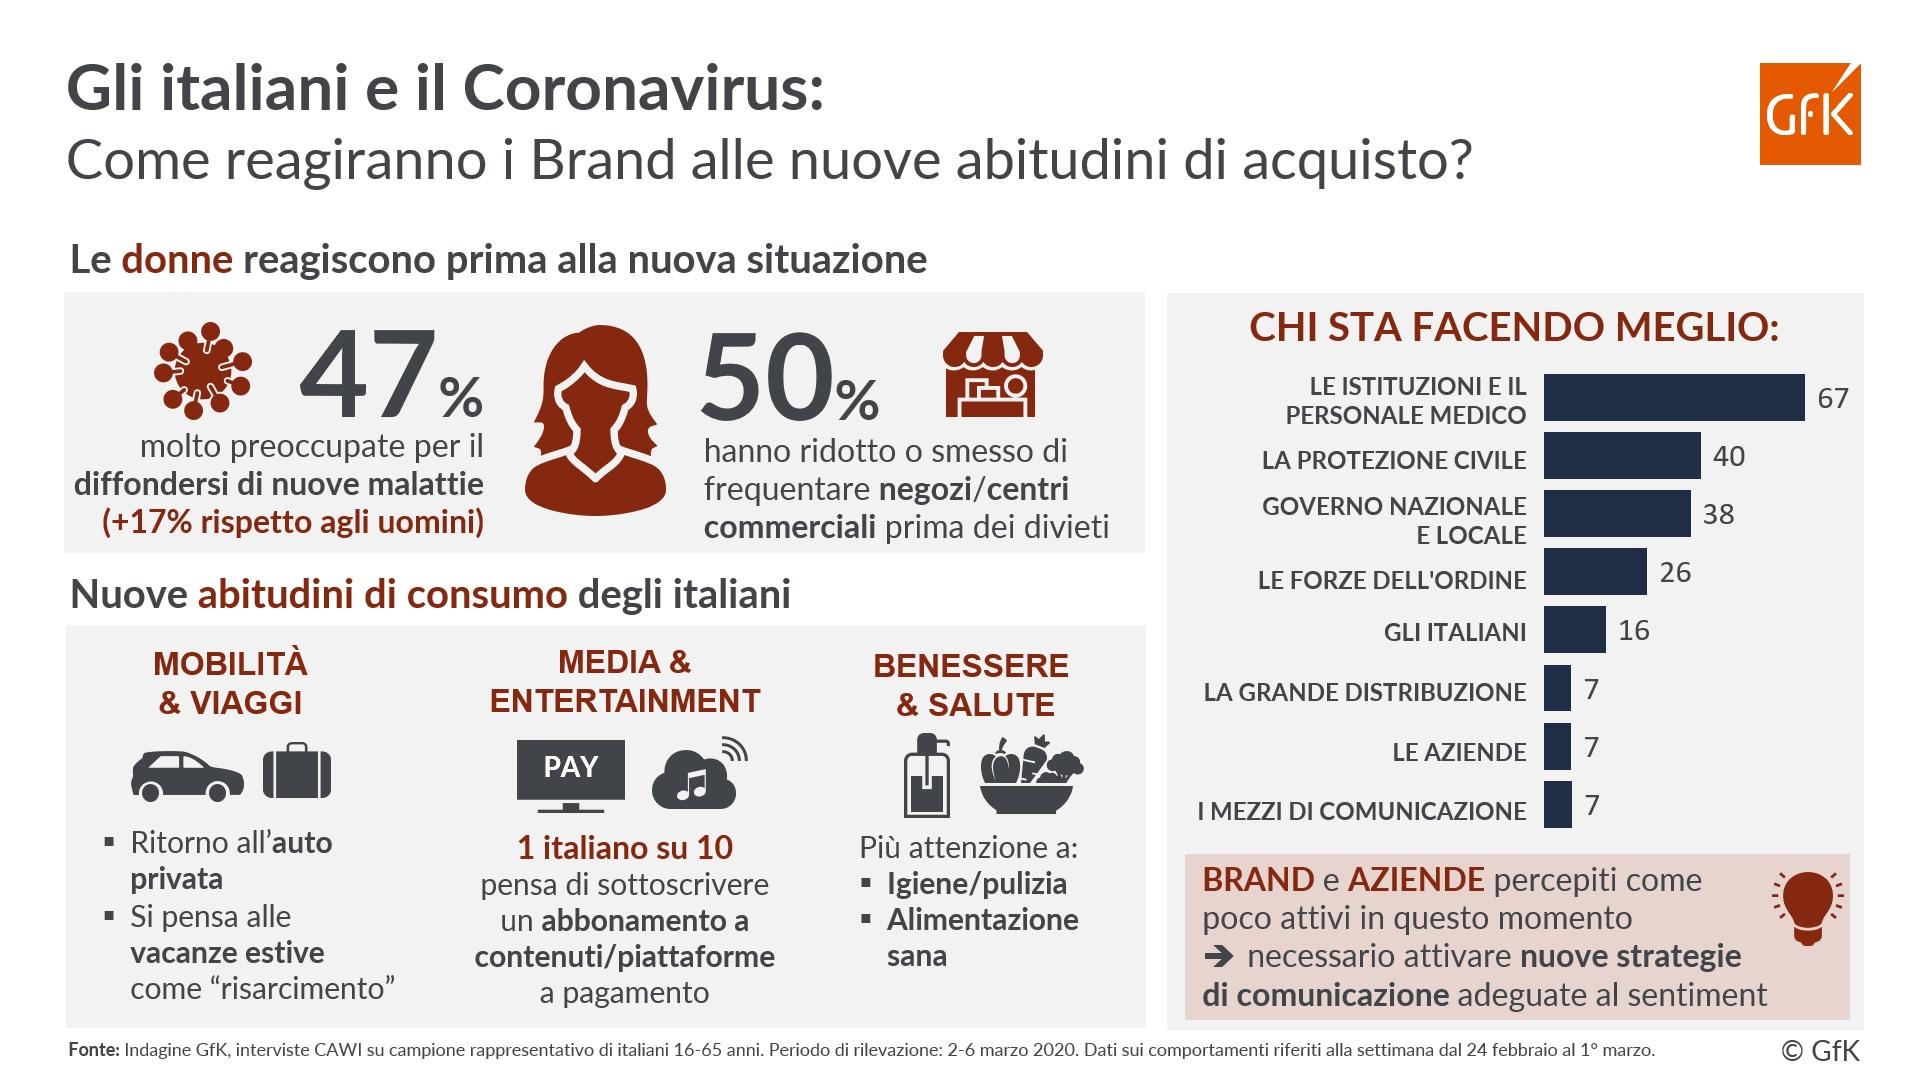 GfK Infografica COVID 19 Consumatori - Media & consumi. Come cambiano abitudini italiani con Covid-19. E come si deve adeguare di conseguenza l'adv per sfruttare quei mutamenti che permarranno anche dopo la crisi